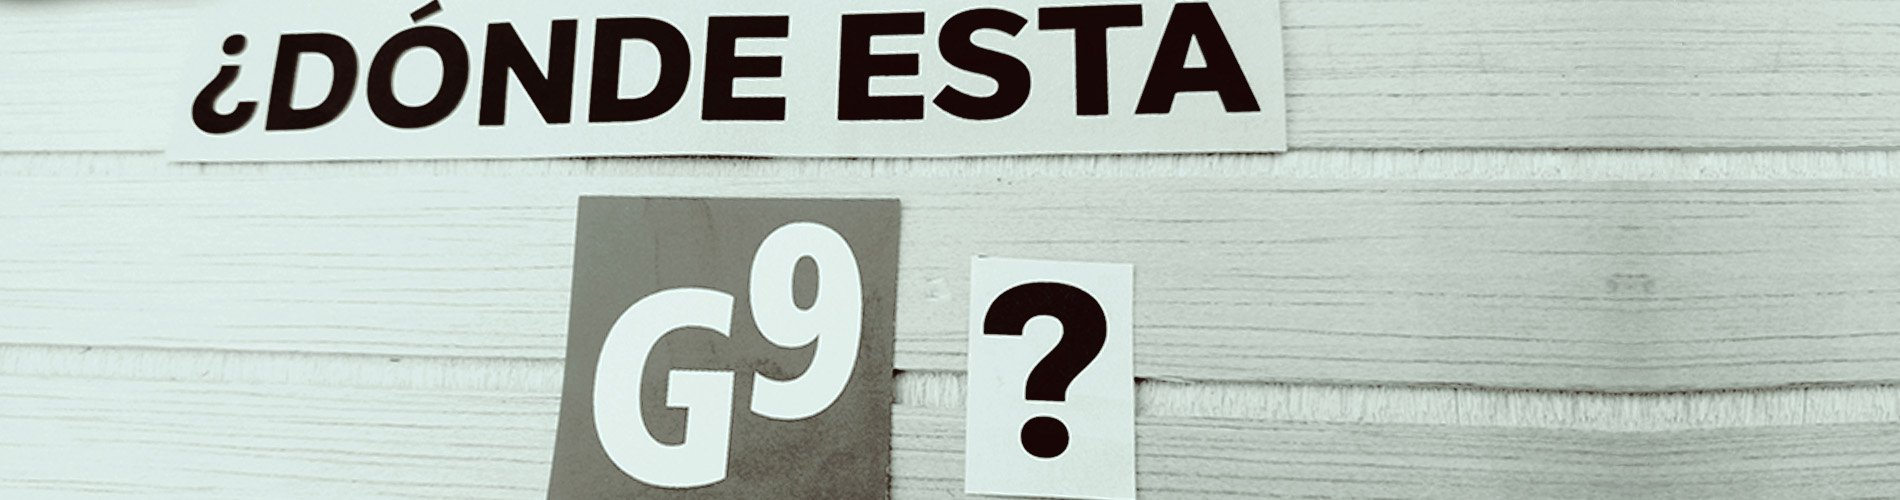 Gestión G9. Asesoría contable, laboral y fiscal y gestión de seguros en La Puebla de Alfindén